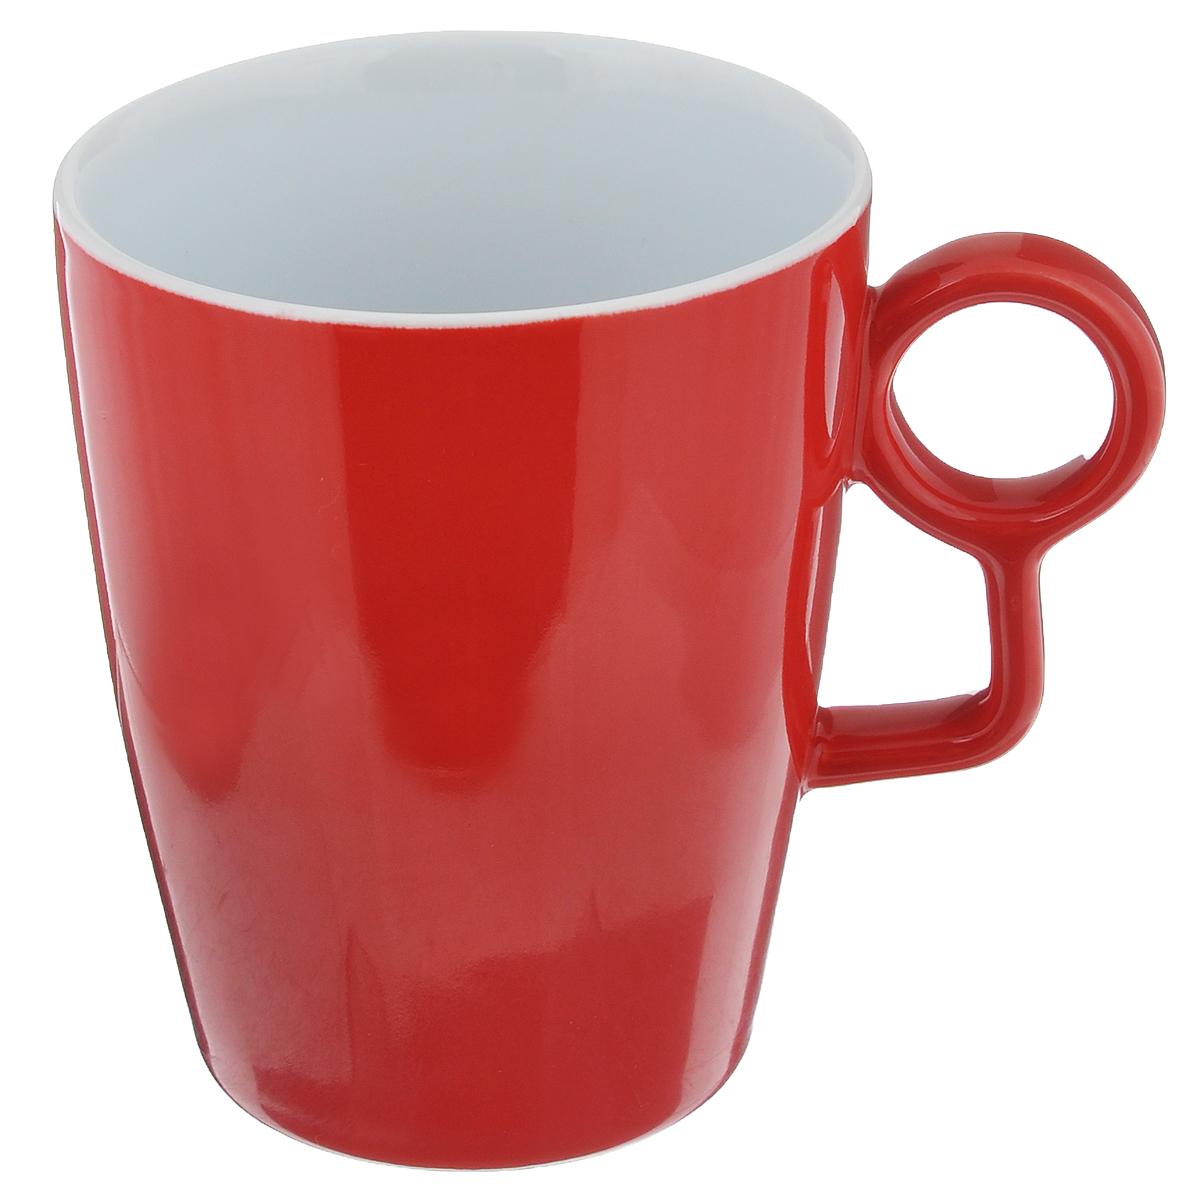 Кружка Sagaform Loop, цвет: красный, 250 мл54 009312Кружка Sagaform Loop выполнена из высококачественной керамики. Изделие оснащено удобной ручкой. Кружка сочетает в себе оригинальный дизайн и функциональность. Благодаря такой кружке пить напитки будет еще вкуснее. Кружка Sagaform согреет вас долгими холодными вечерами. Можно использовать в посудомоечной машине.Объем: 250 мл.Диаметр (по верхнему краю): 8 см.Высота кружки: 10 см.